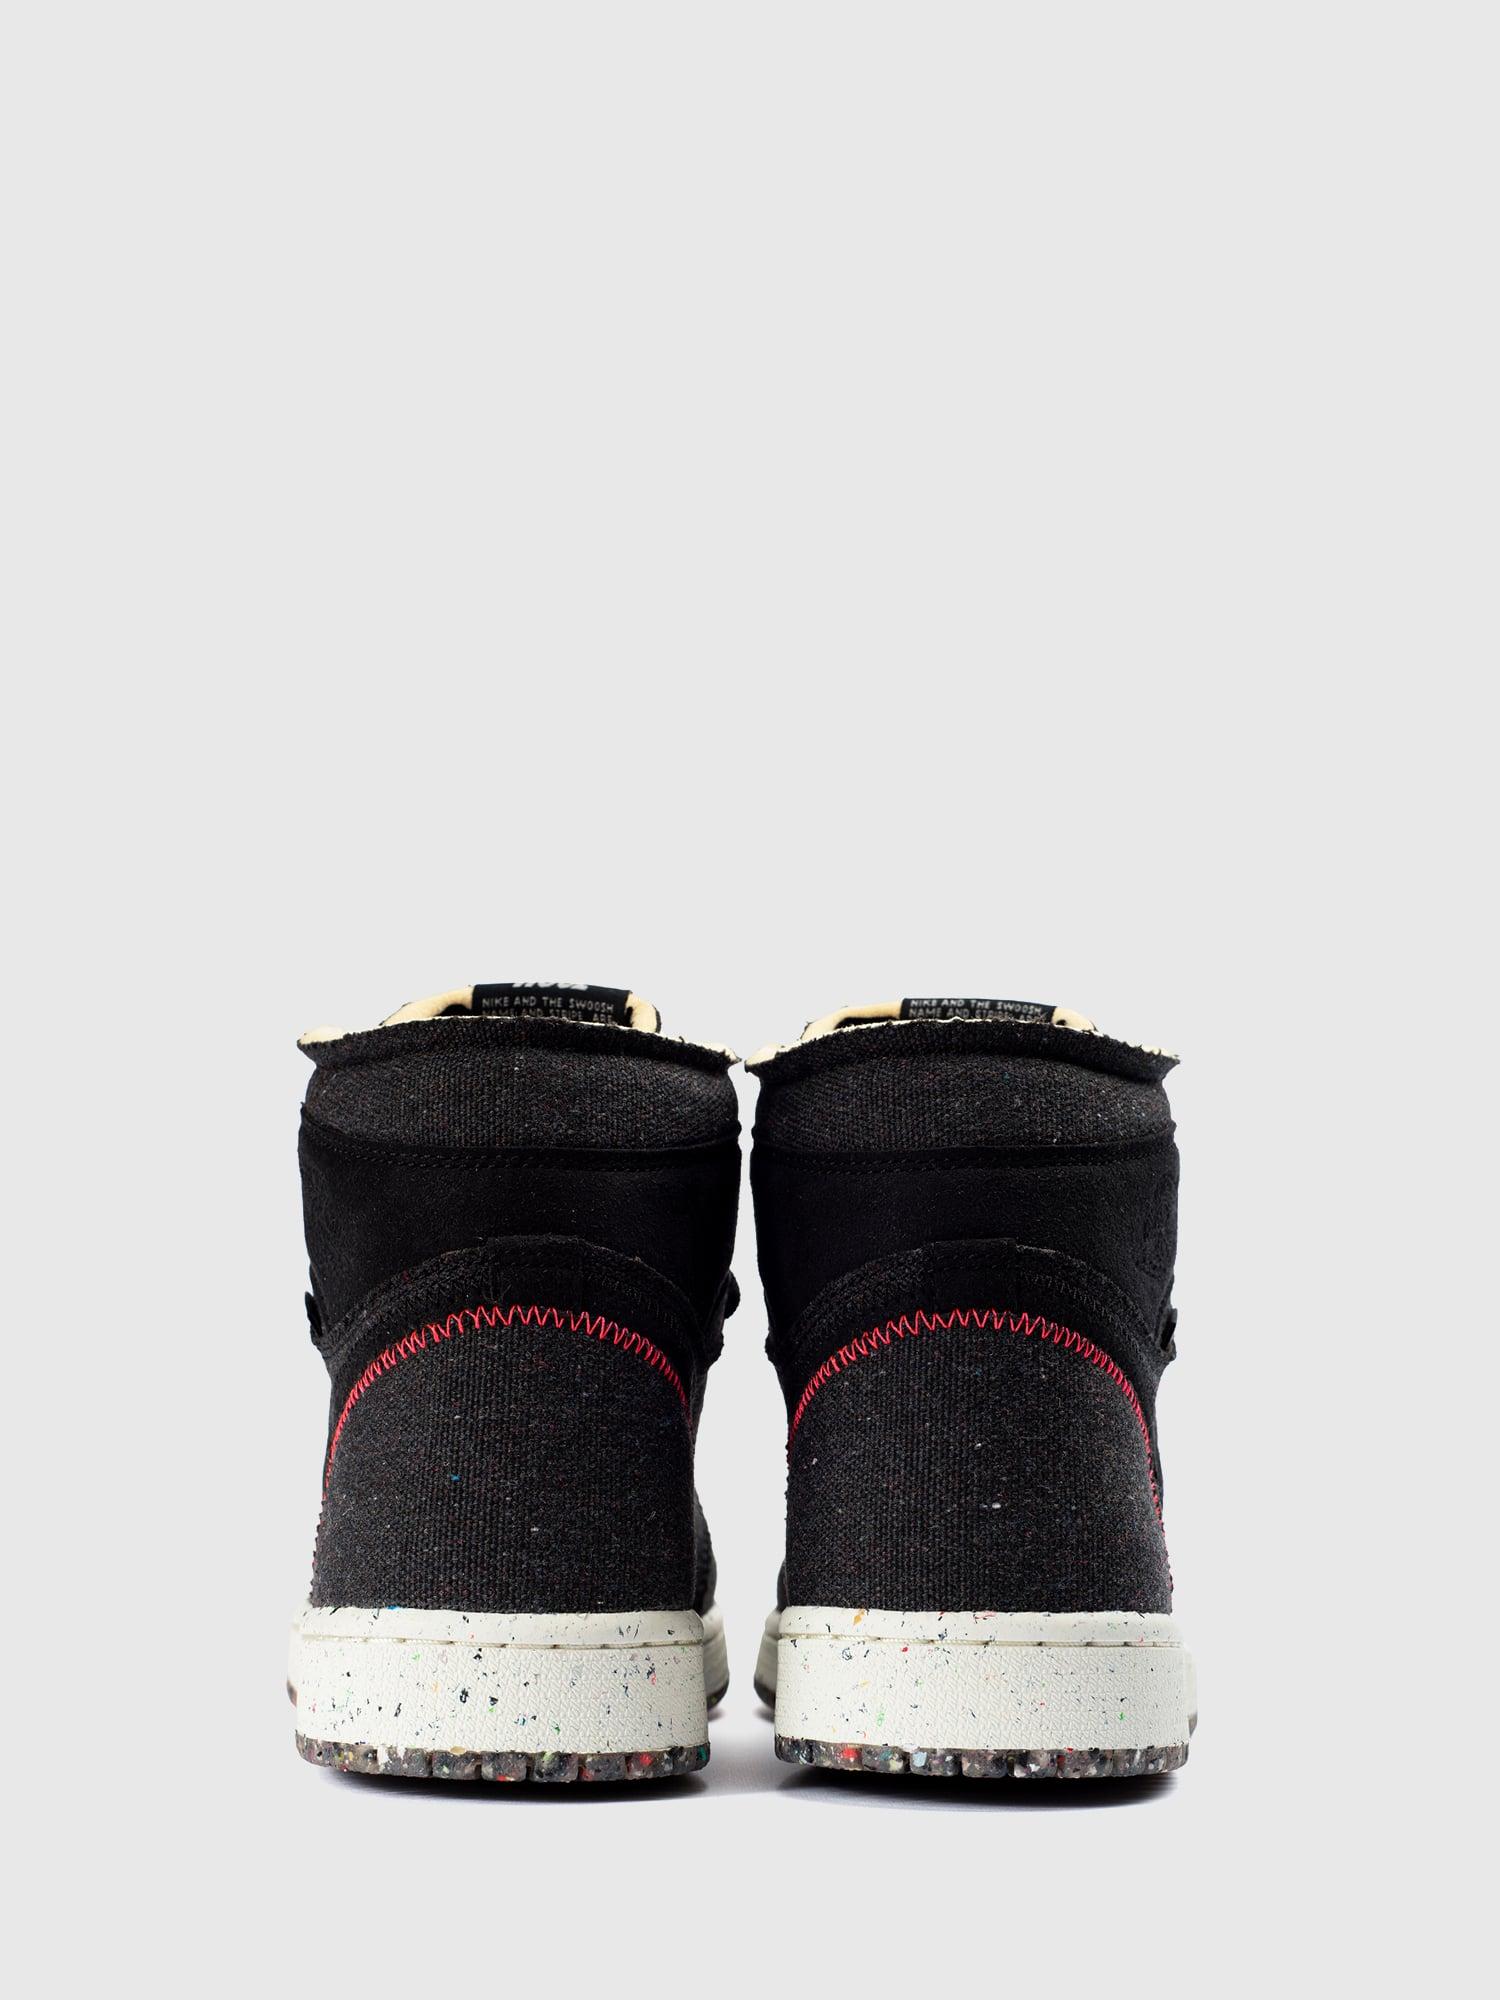 Air Jordan 1 High Zoom 'Crater'